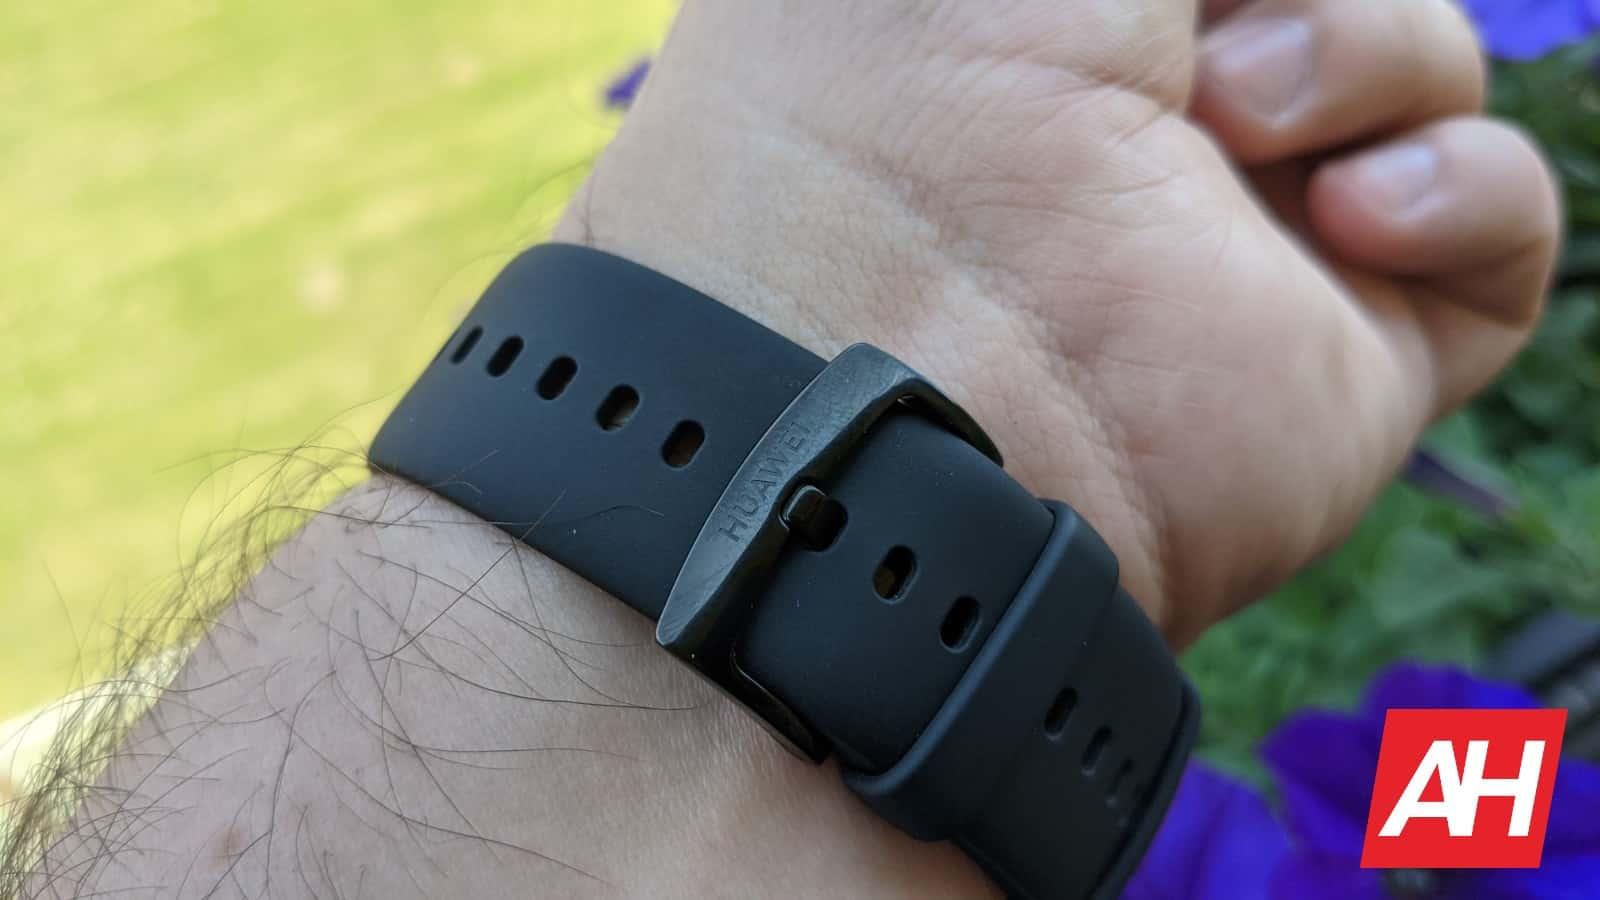 AH Huawei Watch 3 image 36